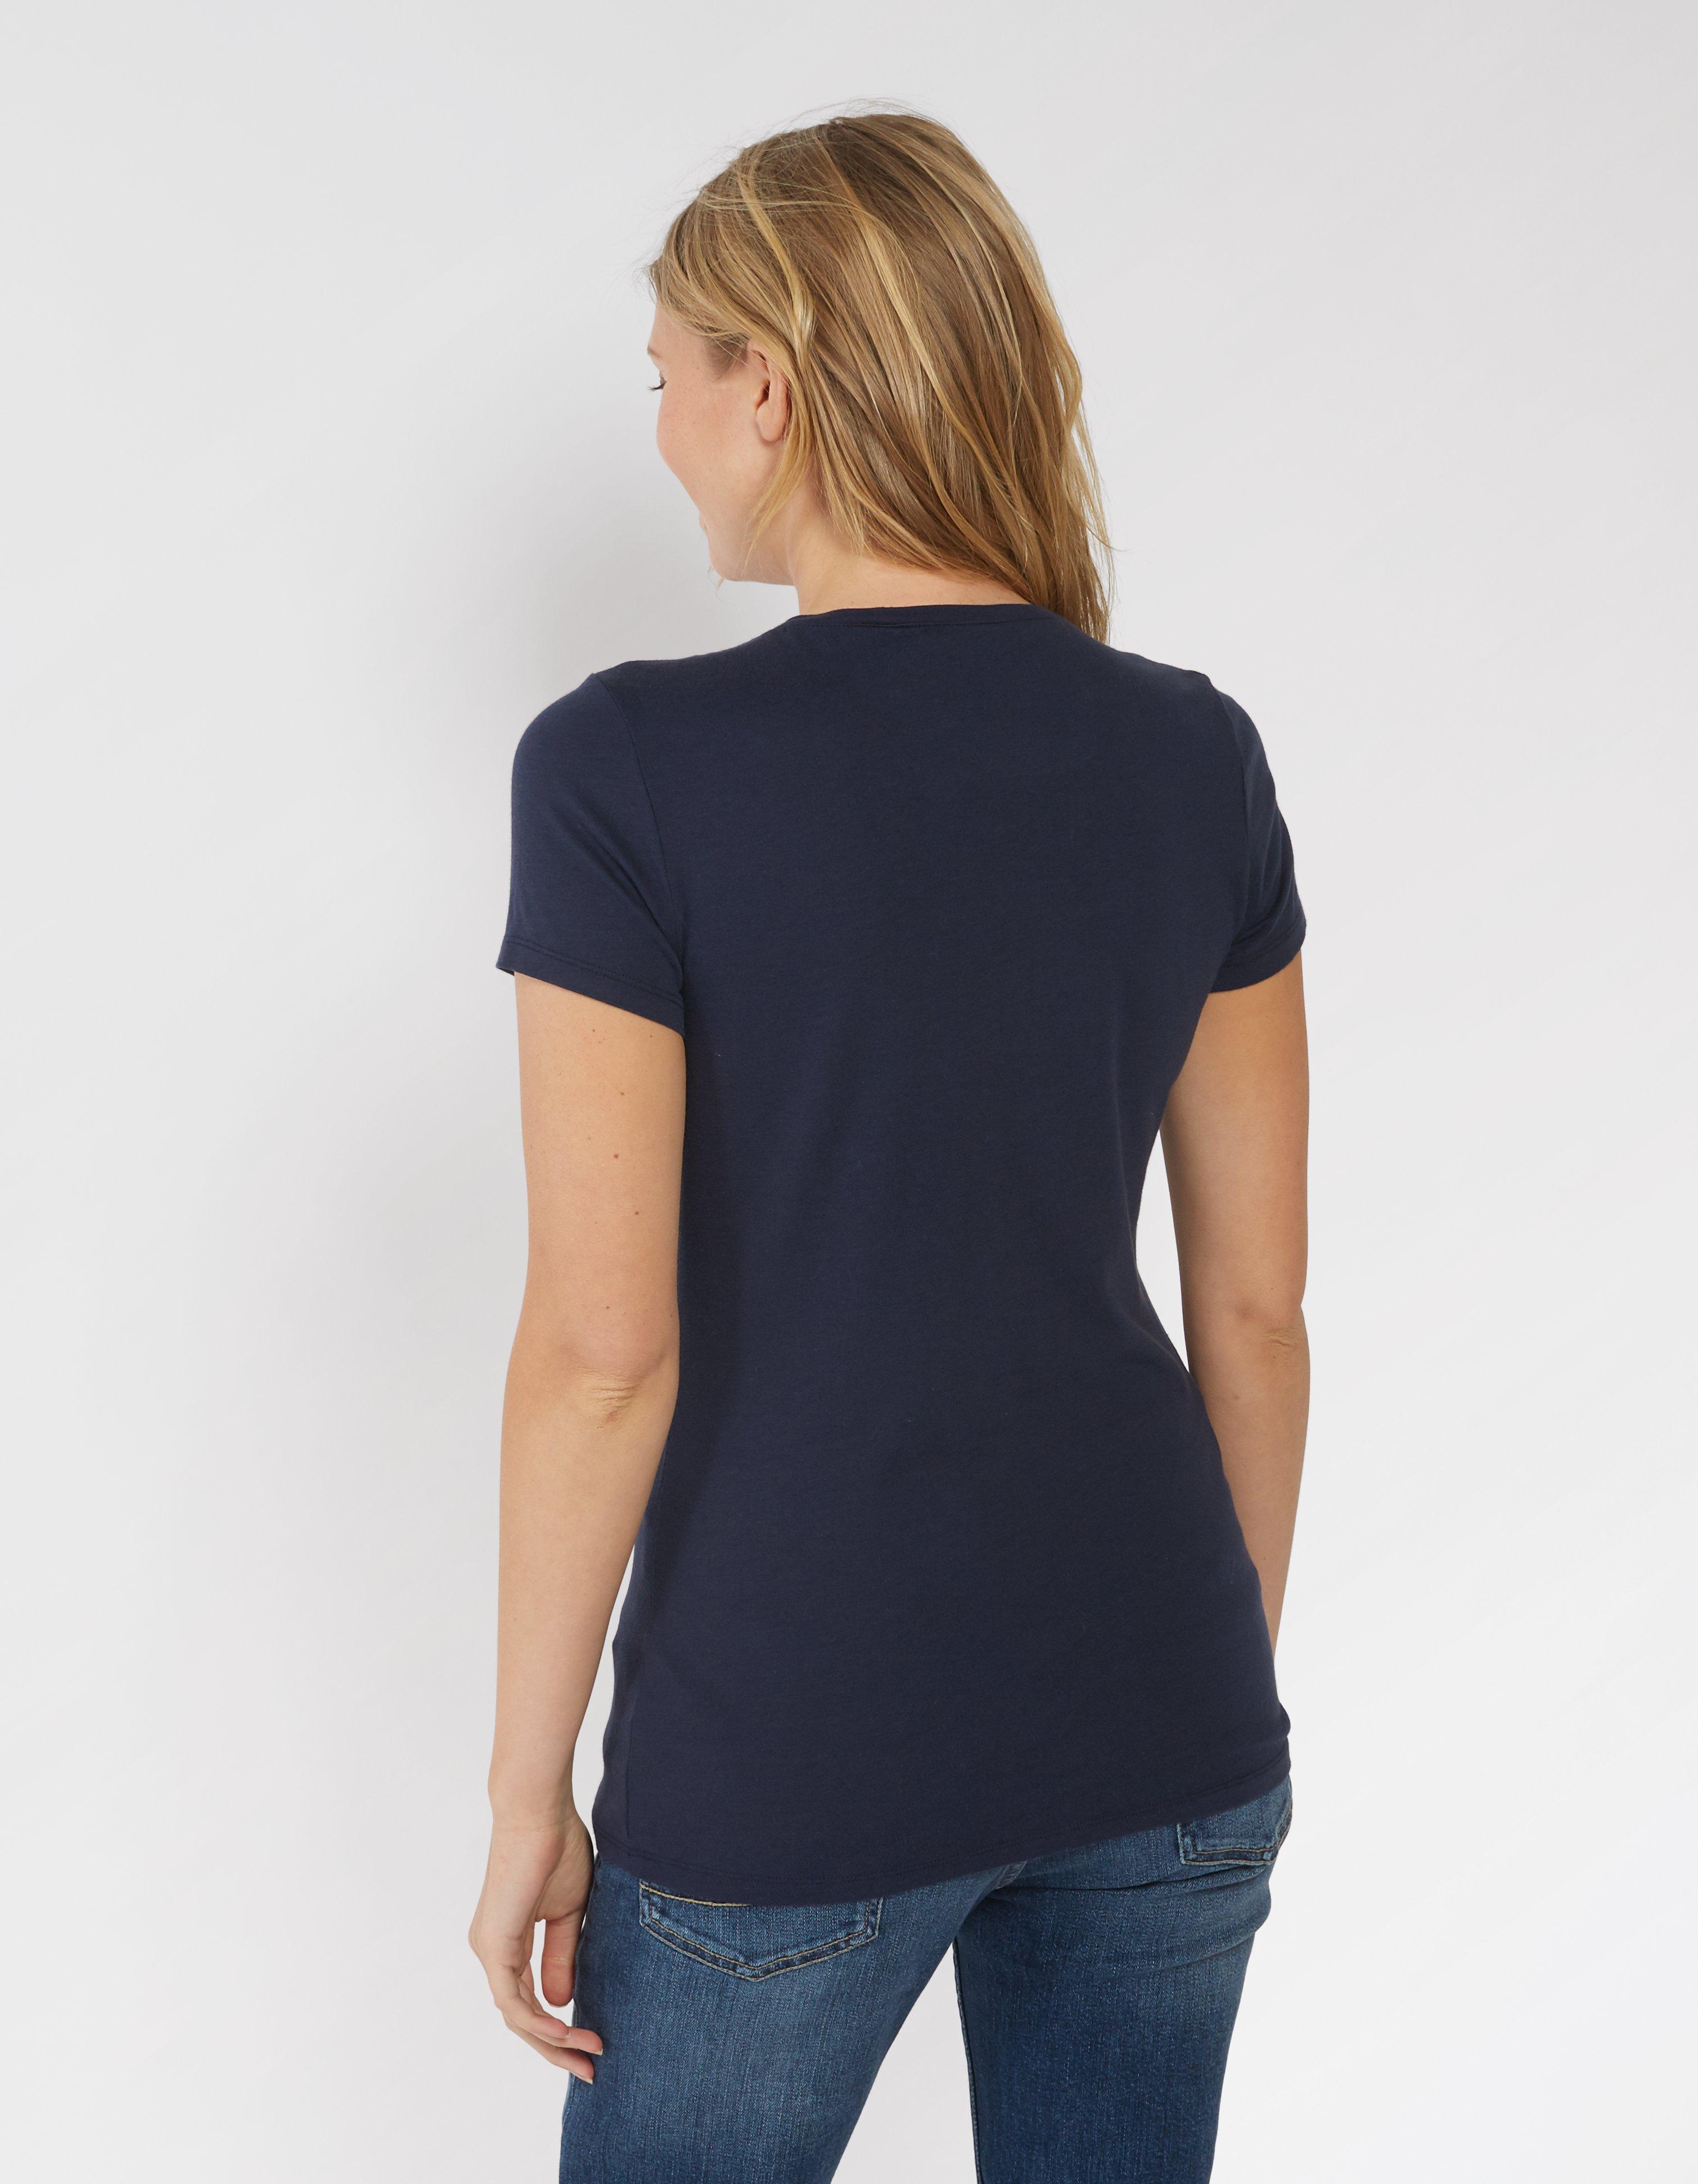 Sarah T Shirt